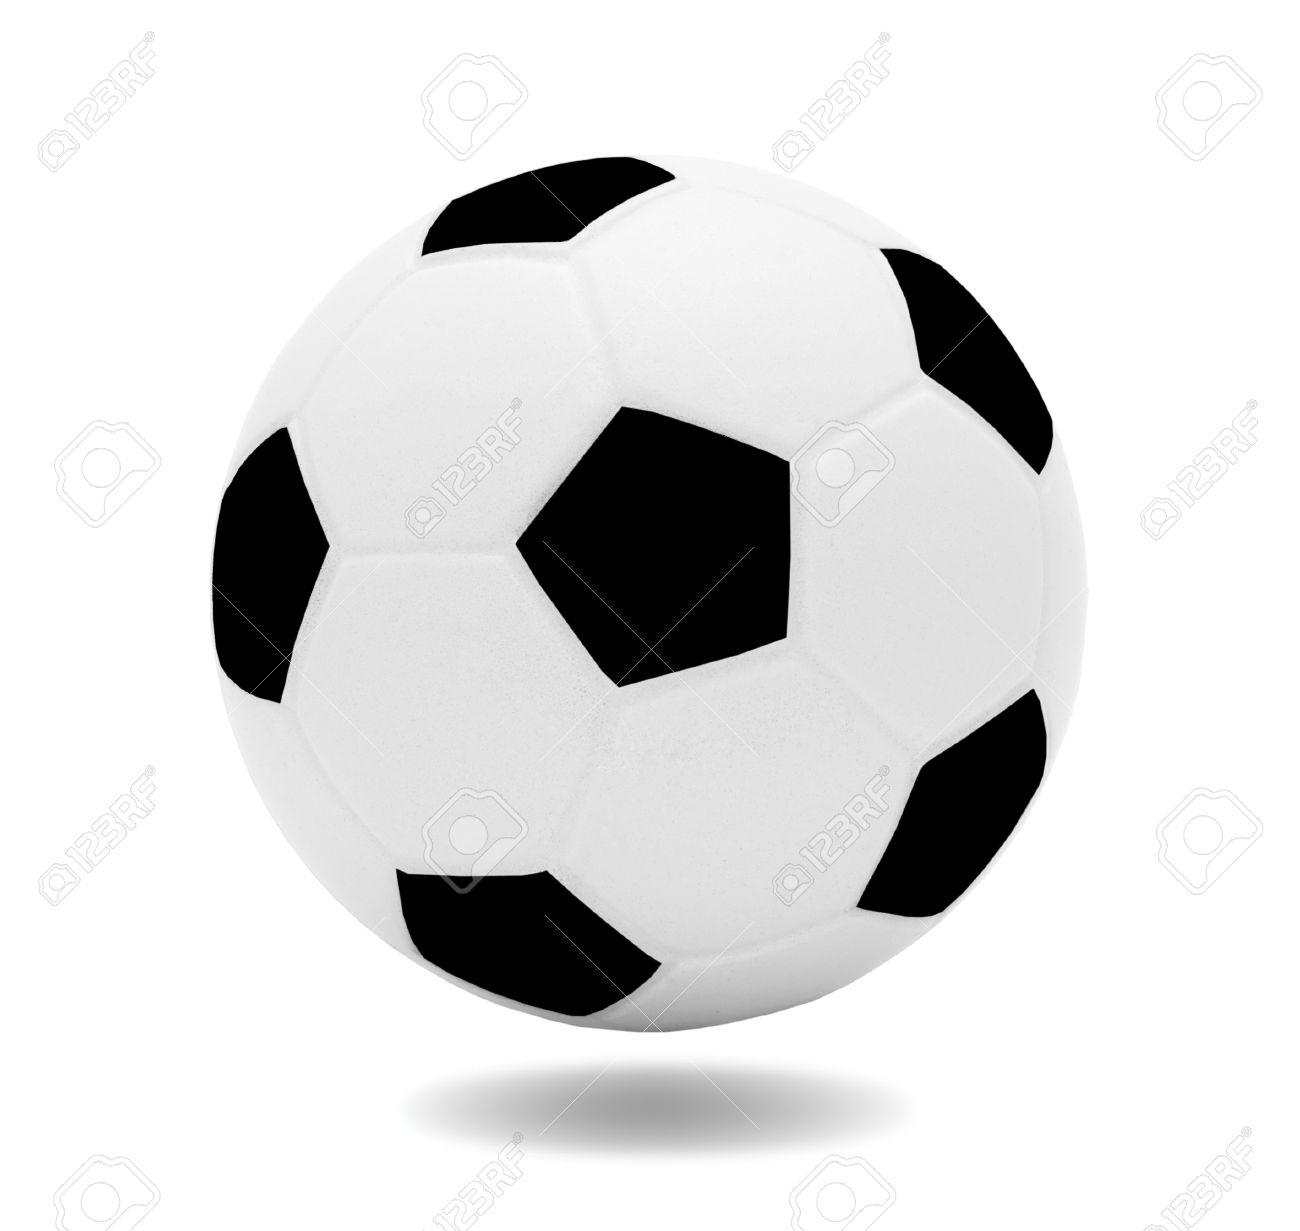 Ballon De Soccer De Noir Et Blanc Modèle 3d Isolé Sur Fond Blanc